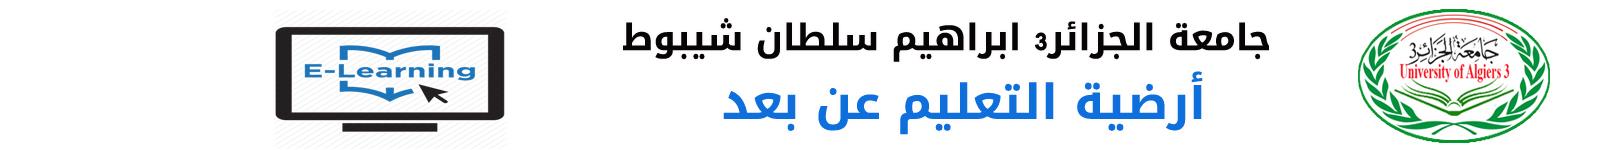 جامعة الجزائر3 - ابراهيم سلطان شيبوط